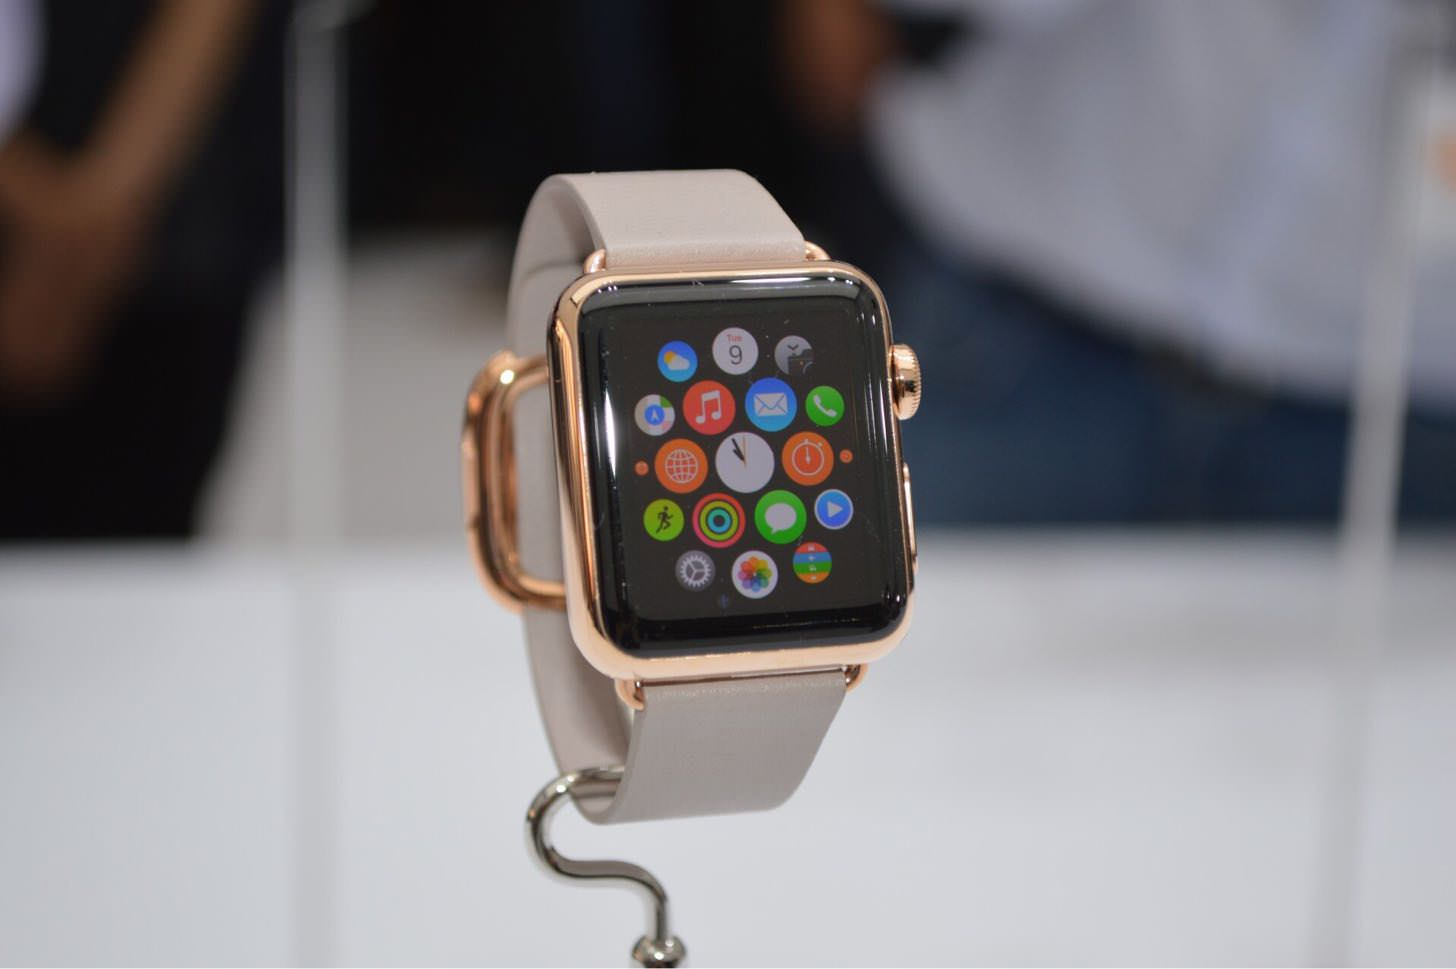 「わたしの価格は¥2,000,000です」Apple Watch Editionのパッケージから溢れ出る高級感がヤバい。